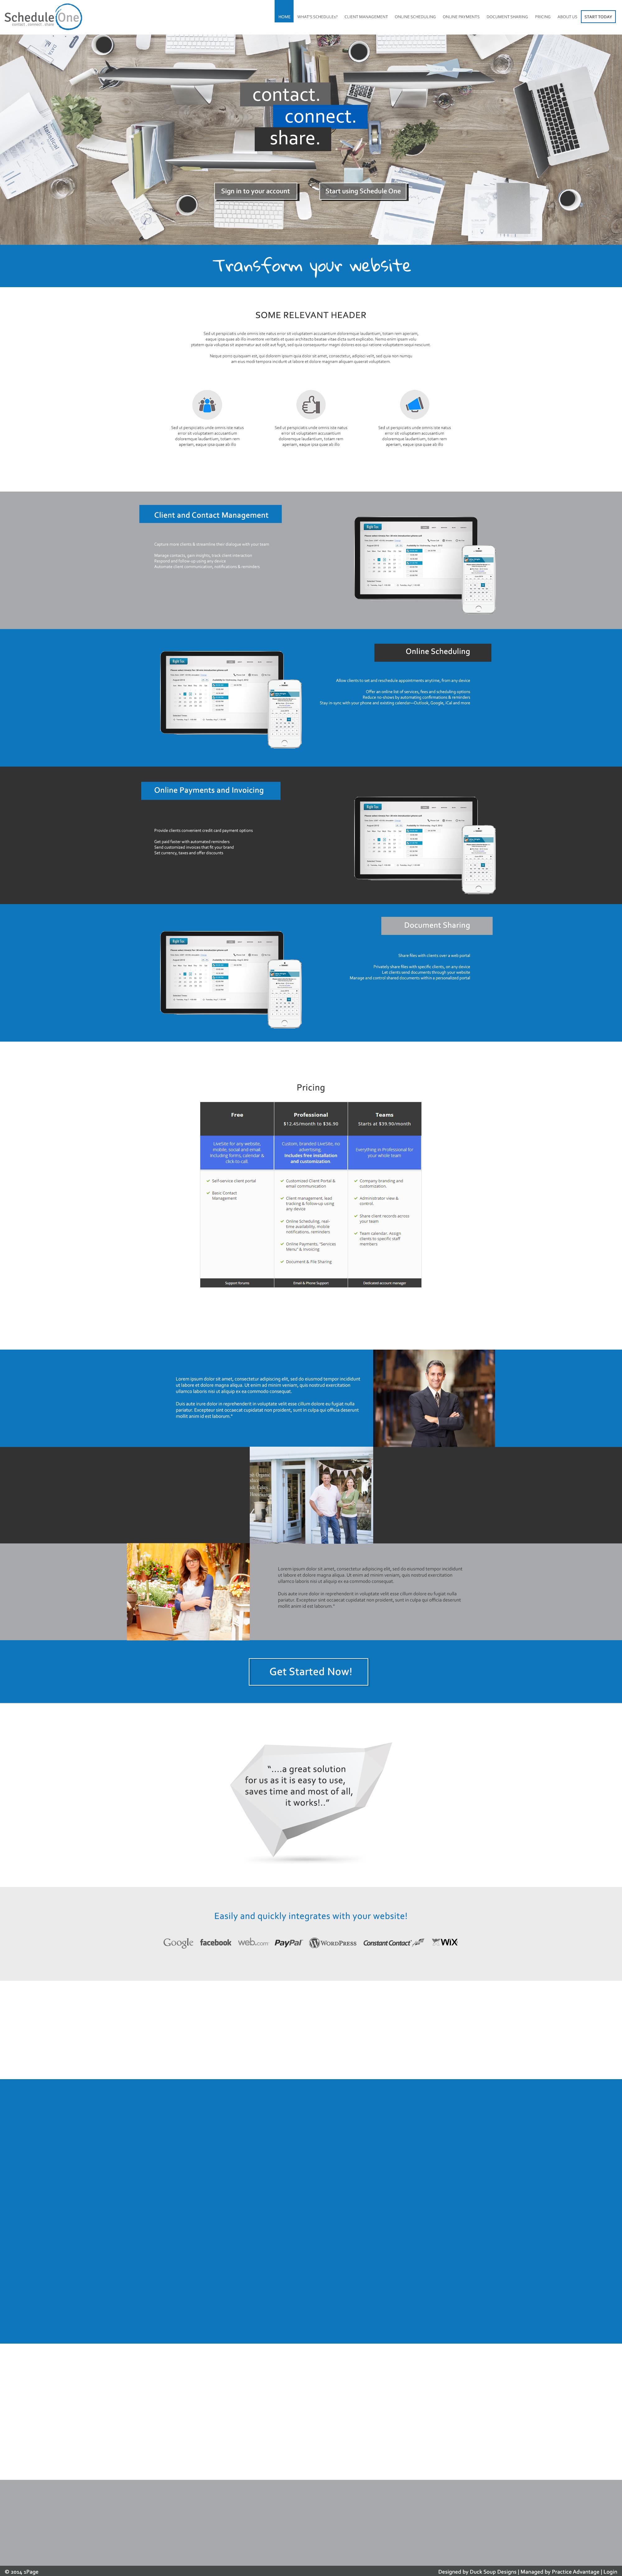 Web design by Duck Soup Designs